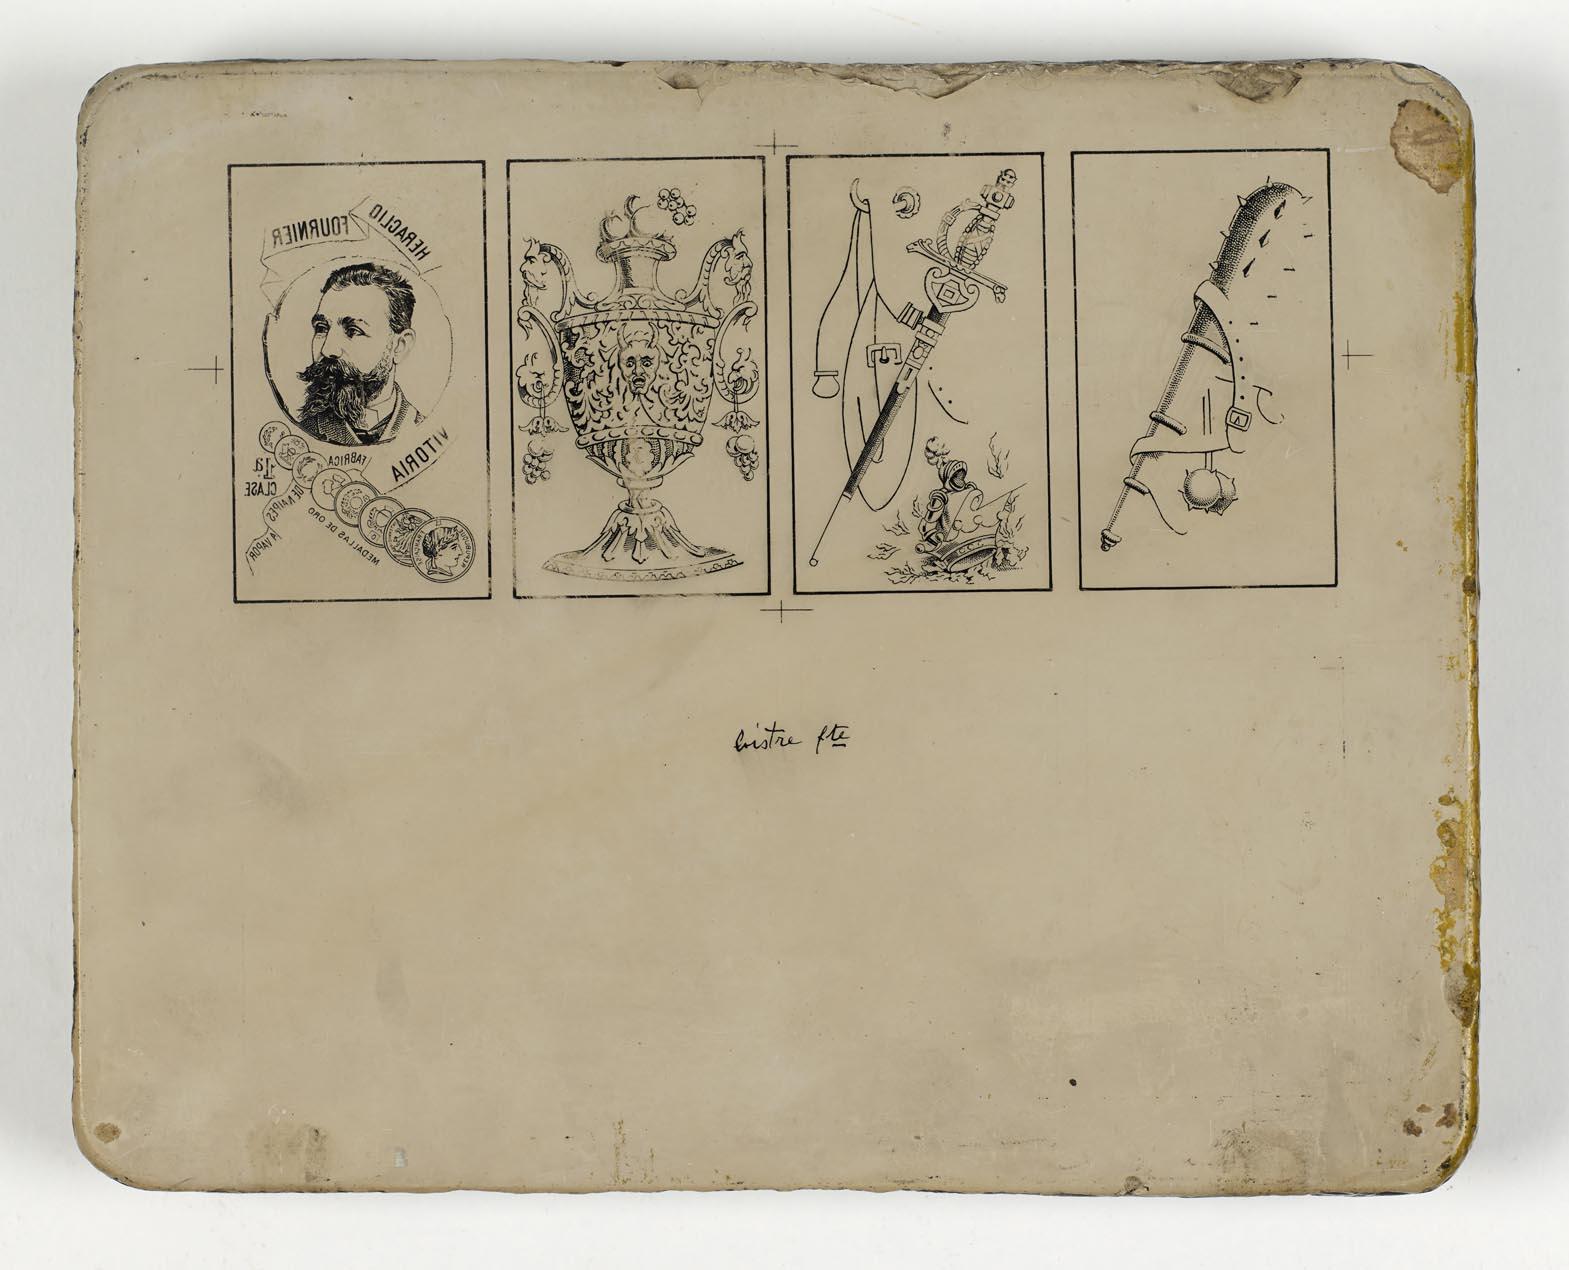 Harri litografikoa lau batekoekin